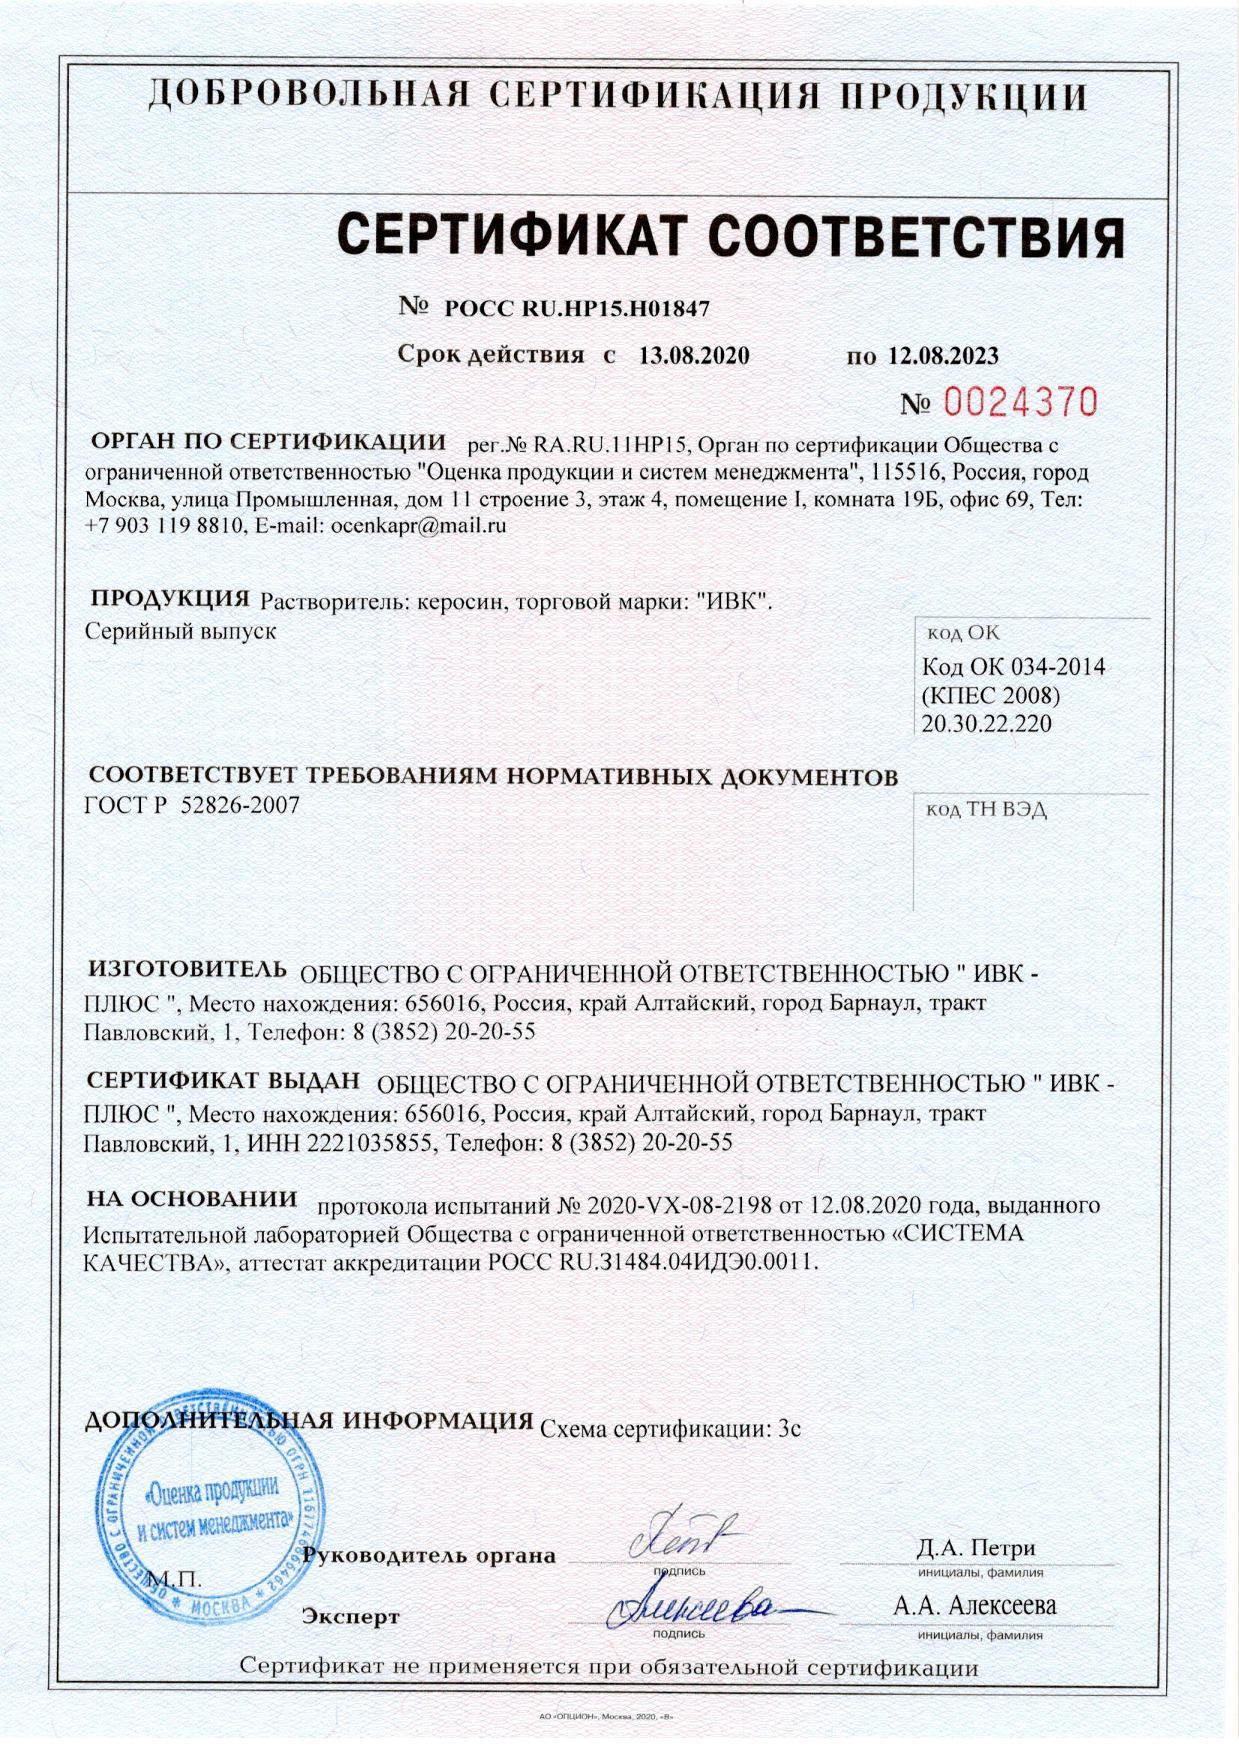 лак бт-177 сертификат скачать